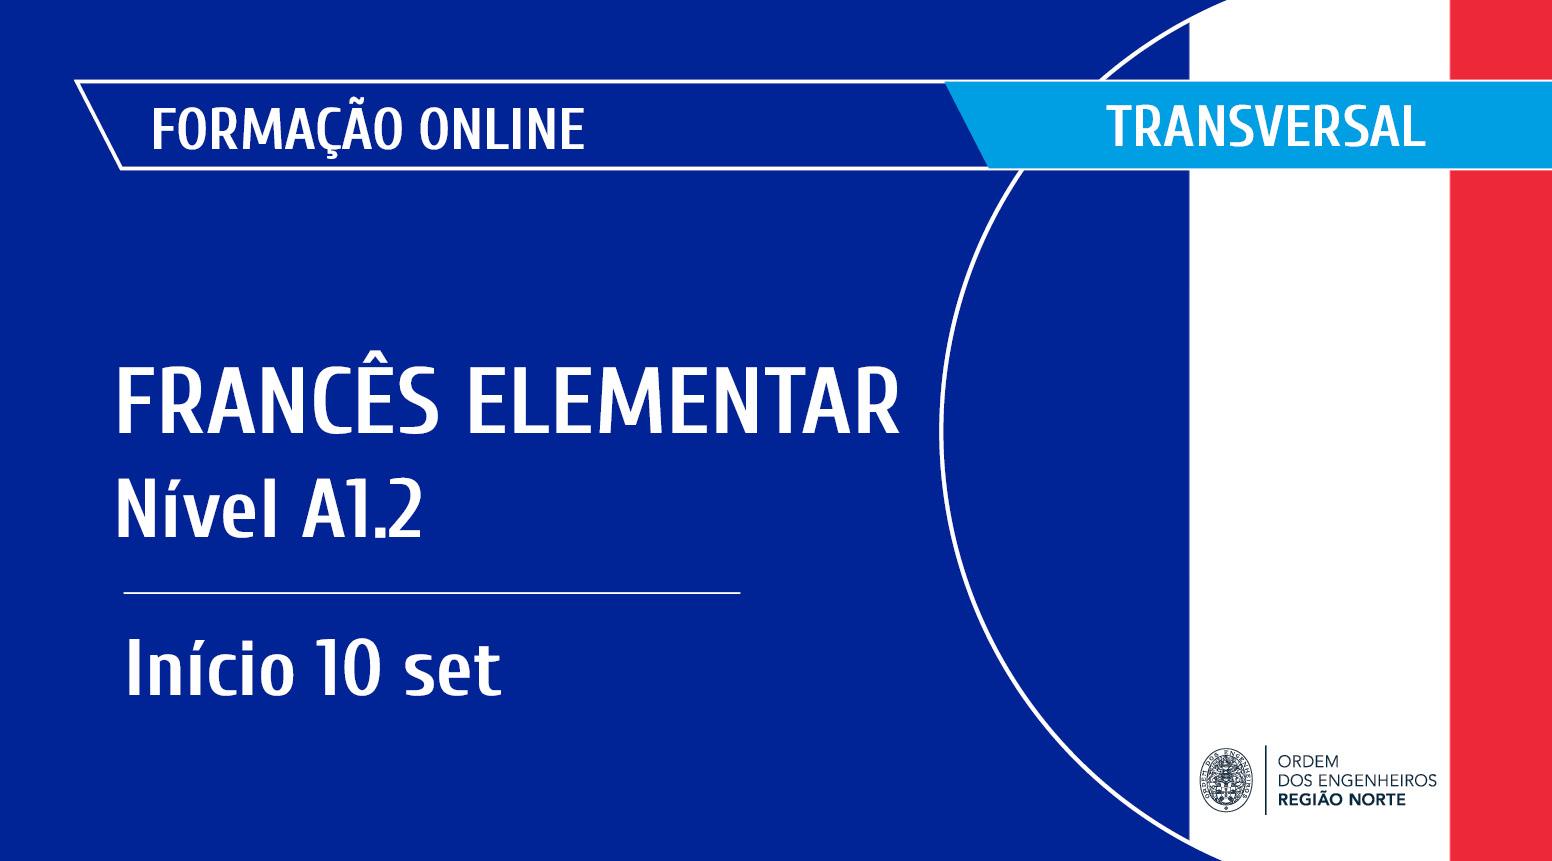 Plataforma Notícias Ordem Engenheiros Região Norte - [Formação] Francês Elementar – Nível A1.2